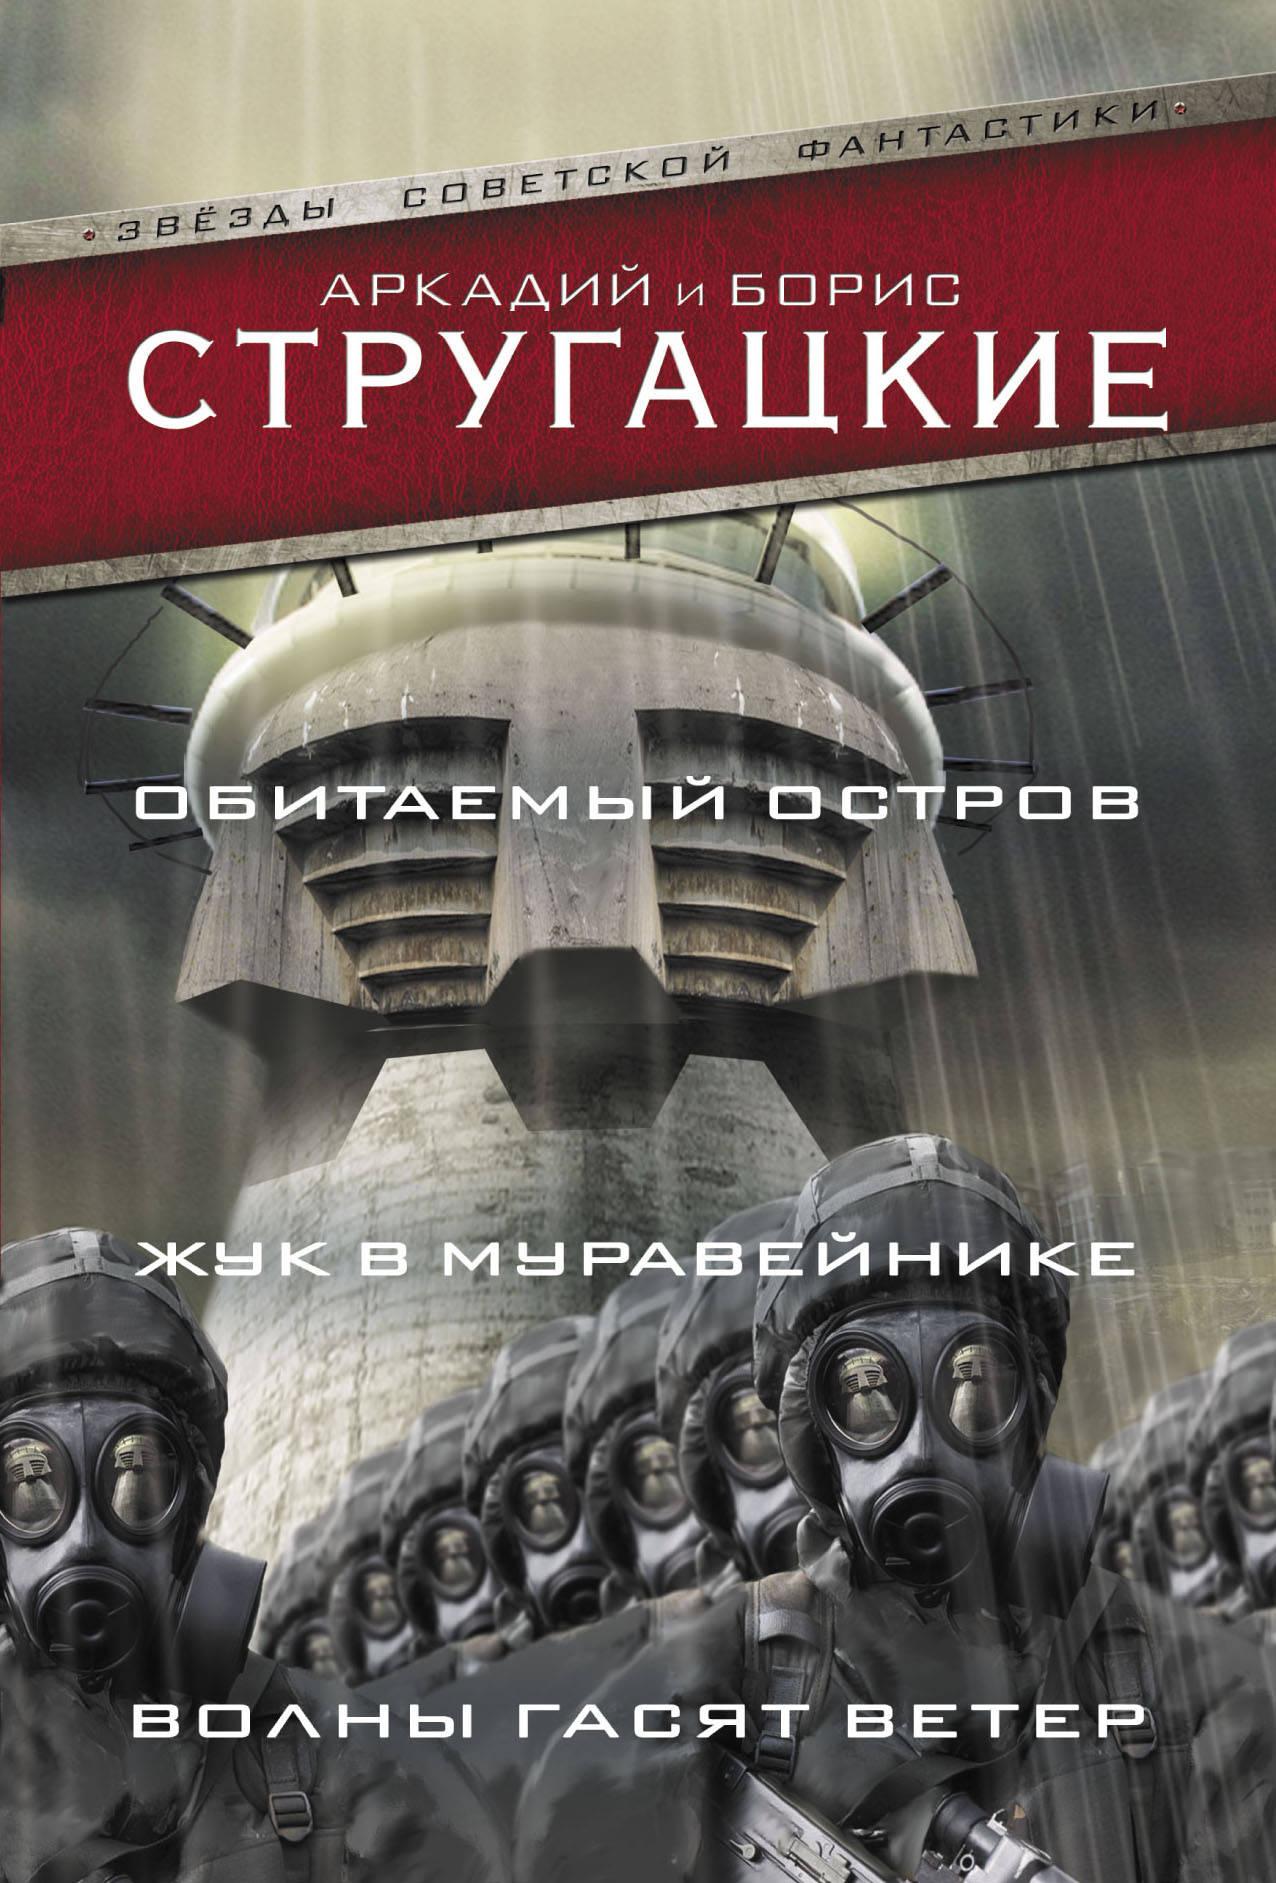 https://j.livelib.ru/boocover/1002756326/o/51cb/Arkadij_i_Boris_Strugatskie__Obitaemyj_ostrov._Zhuk_v_muravejnike._Volny_gasyat_.jpeg